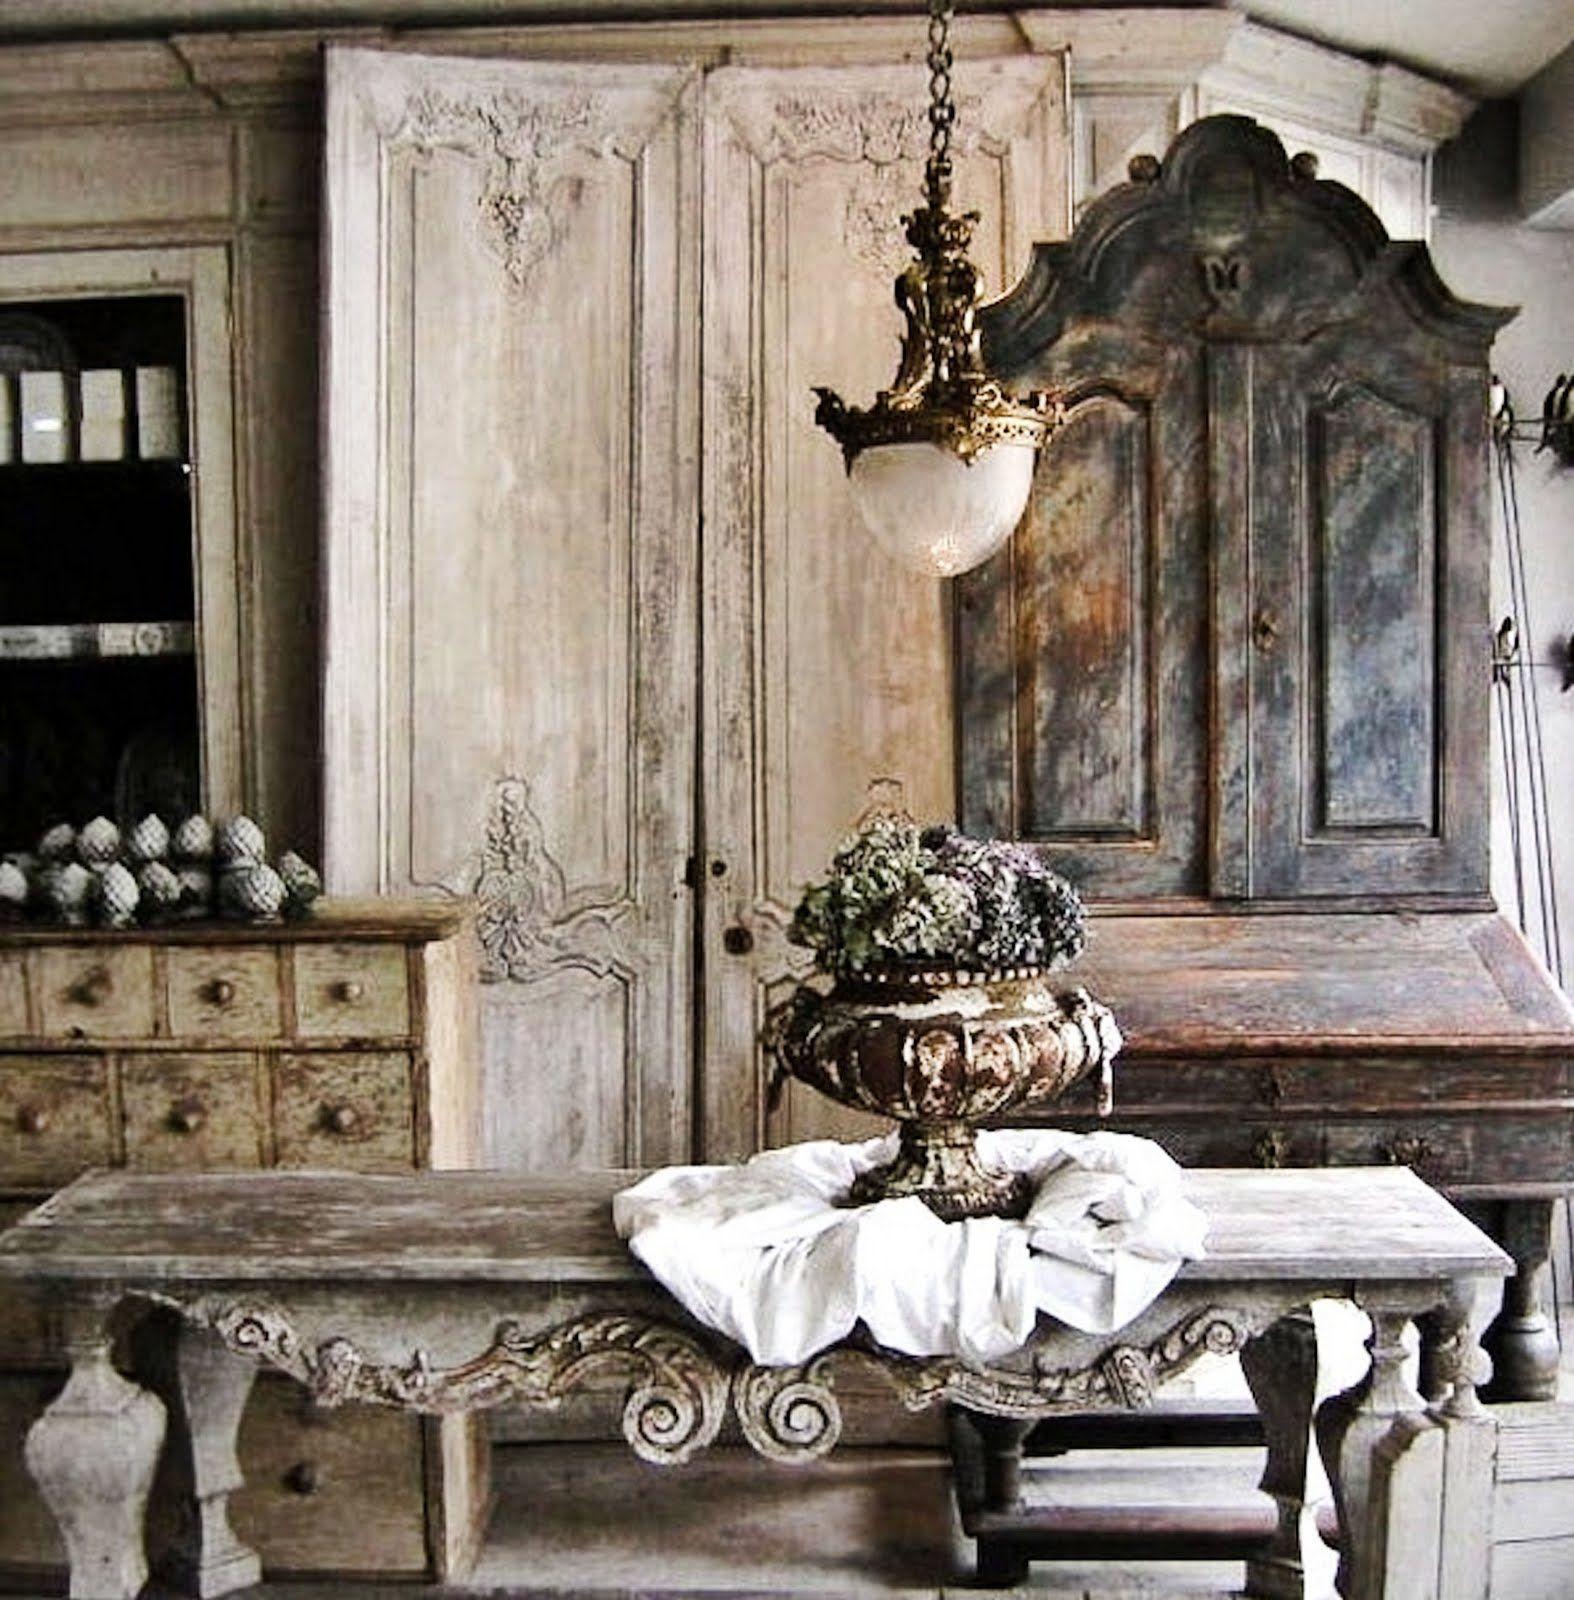 30 ideen f r zimmergestaltung im barock authentisch und modern things i love pinterest - Zimmergestaltung ideen ...